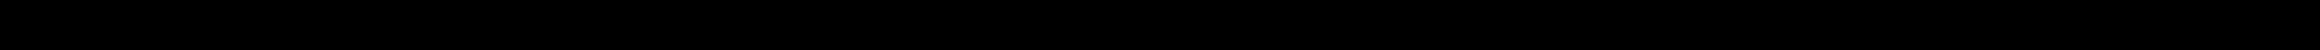 VEMO 6441.L2, 6441.L2, V42830003, 77 01 048 390, 77 01 207 718 Javítókészlet, kábelköteg